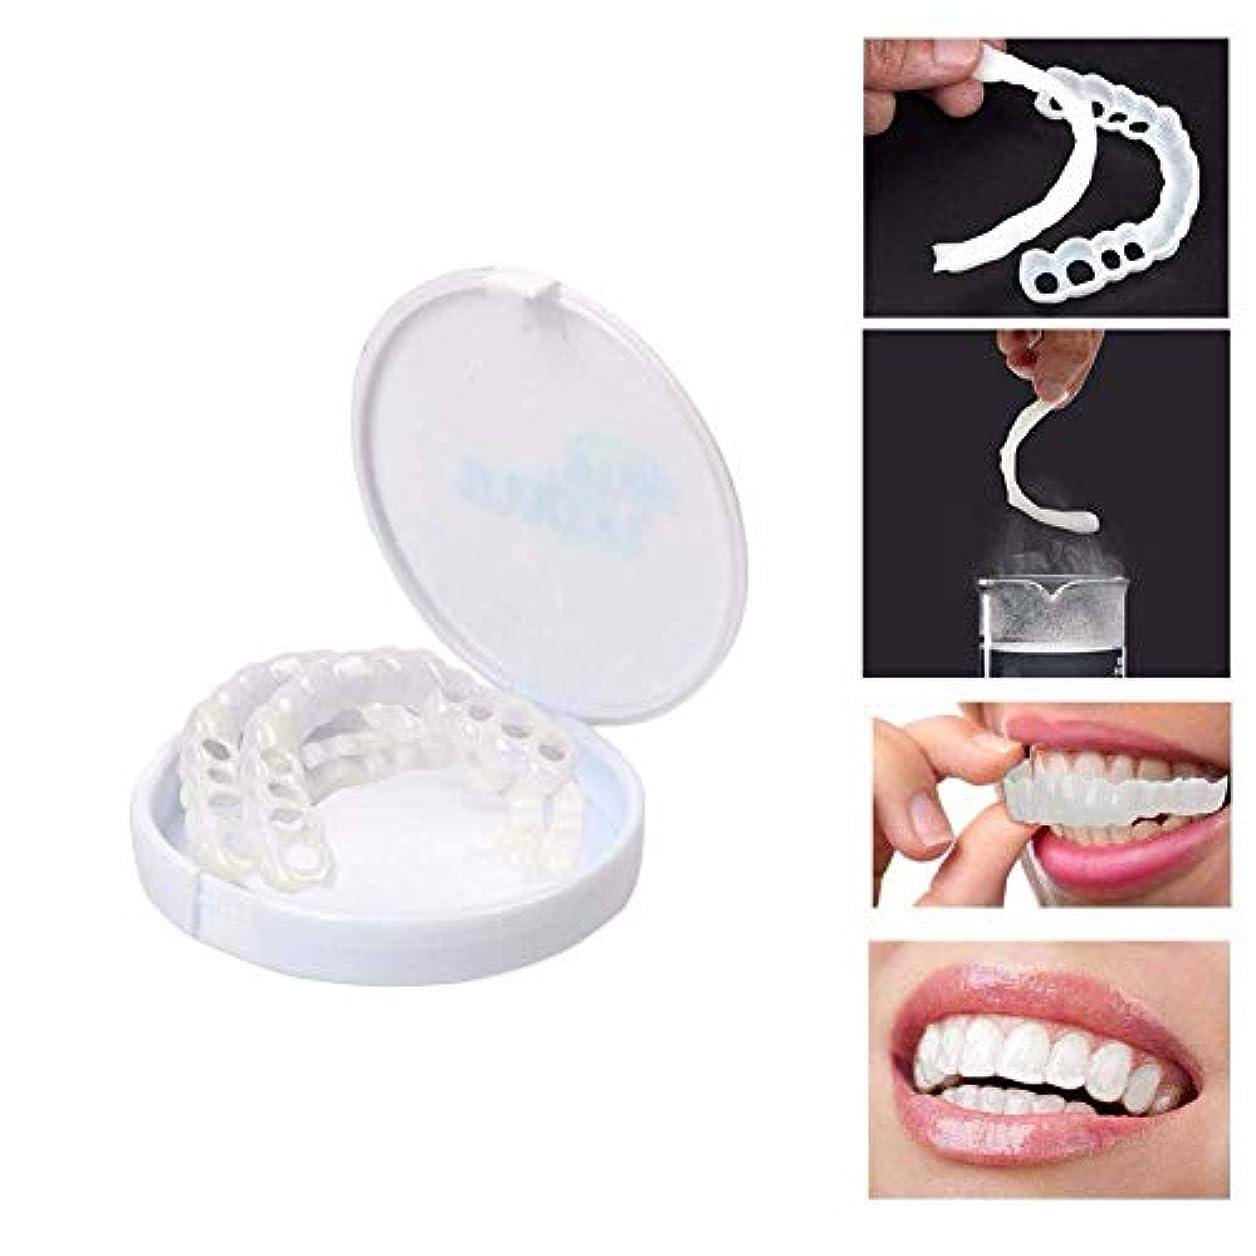 矩形温度単語ミニッツホワイトニング義歯フィットフレックス化粧品の歯でパーフェクト笑顔で快適なベニヤカバーデンタルケアアクセサリーの3pcsの再利用可能なスナップ